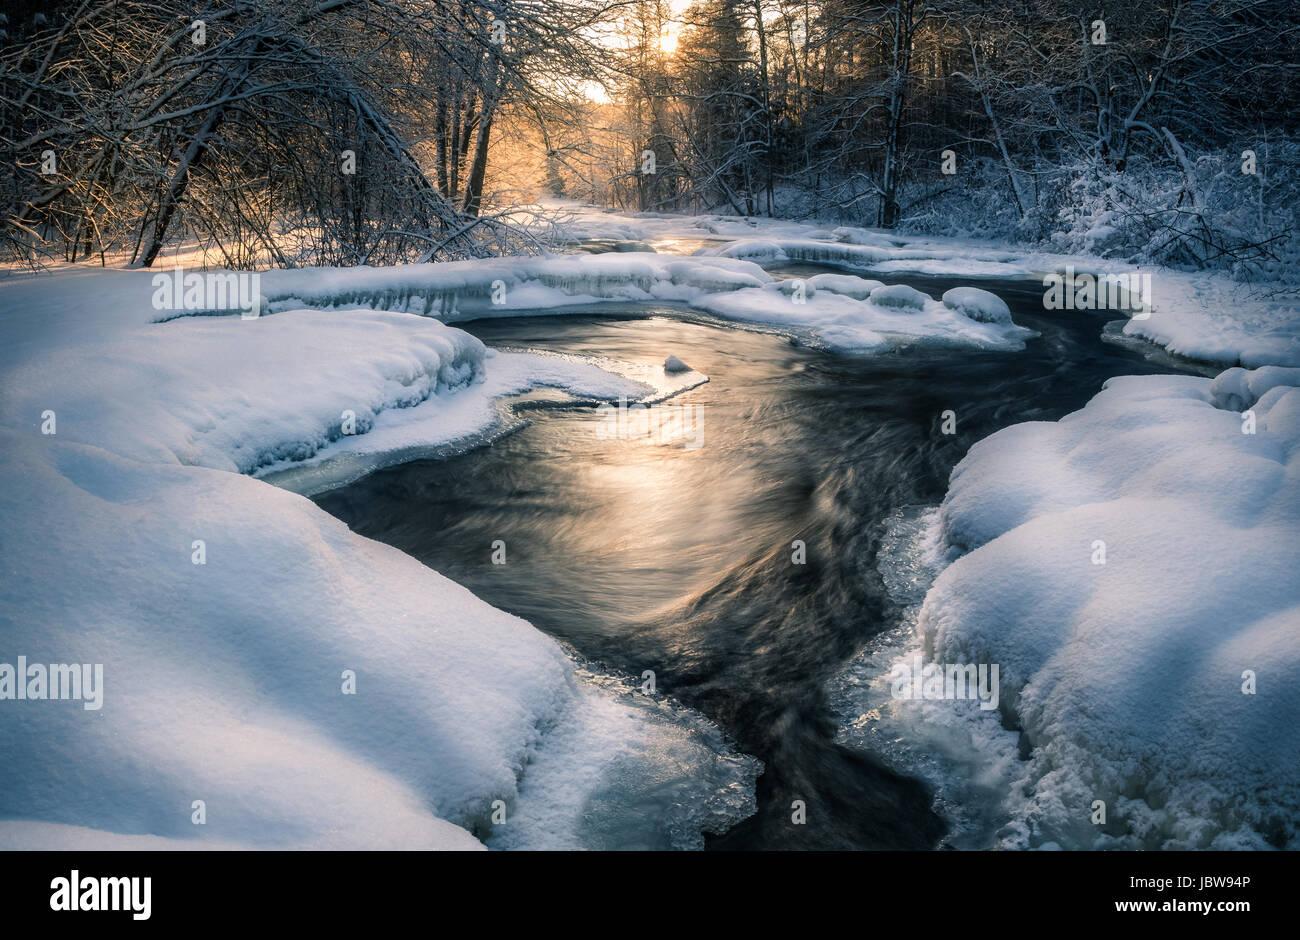 Pintoresco paisaje con río en mañana de invierno Imagen De Stock